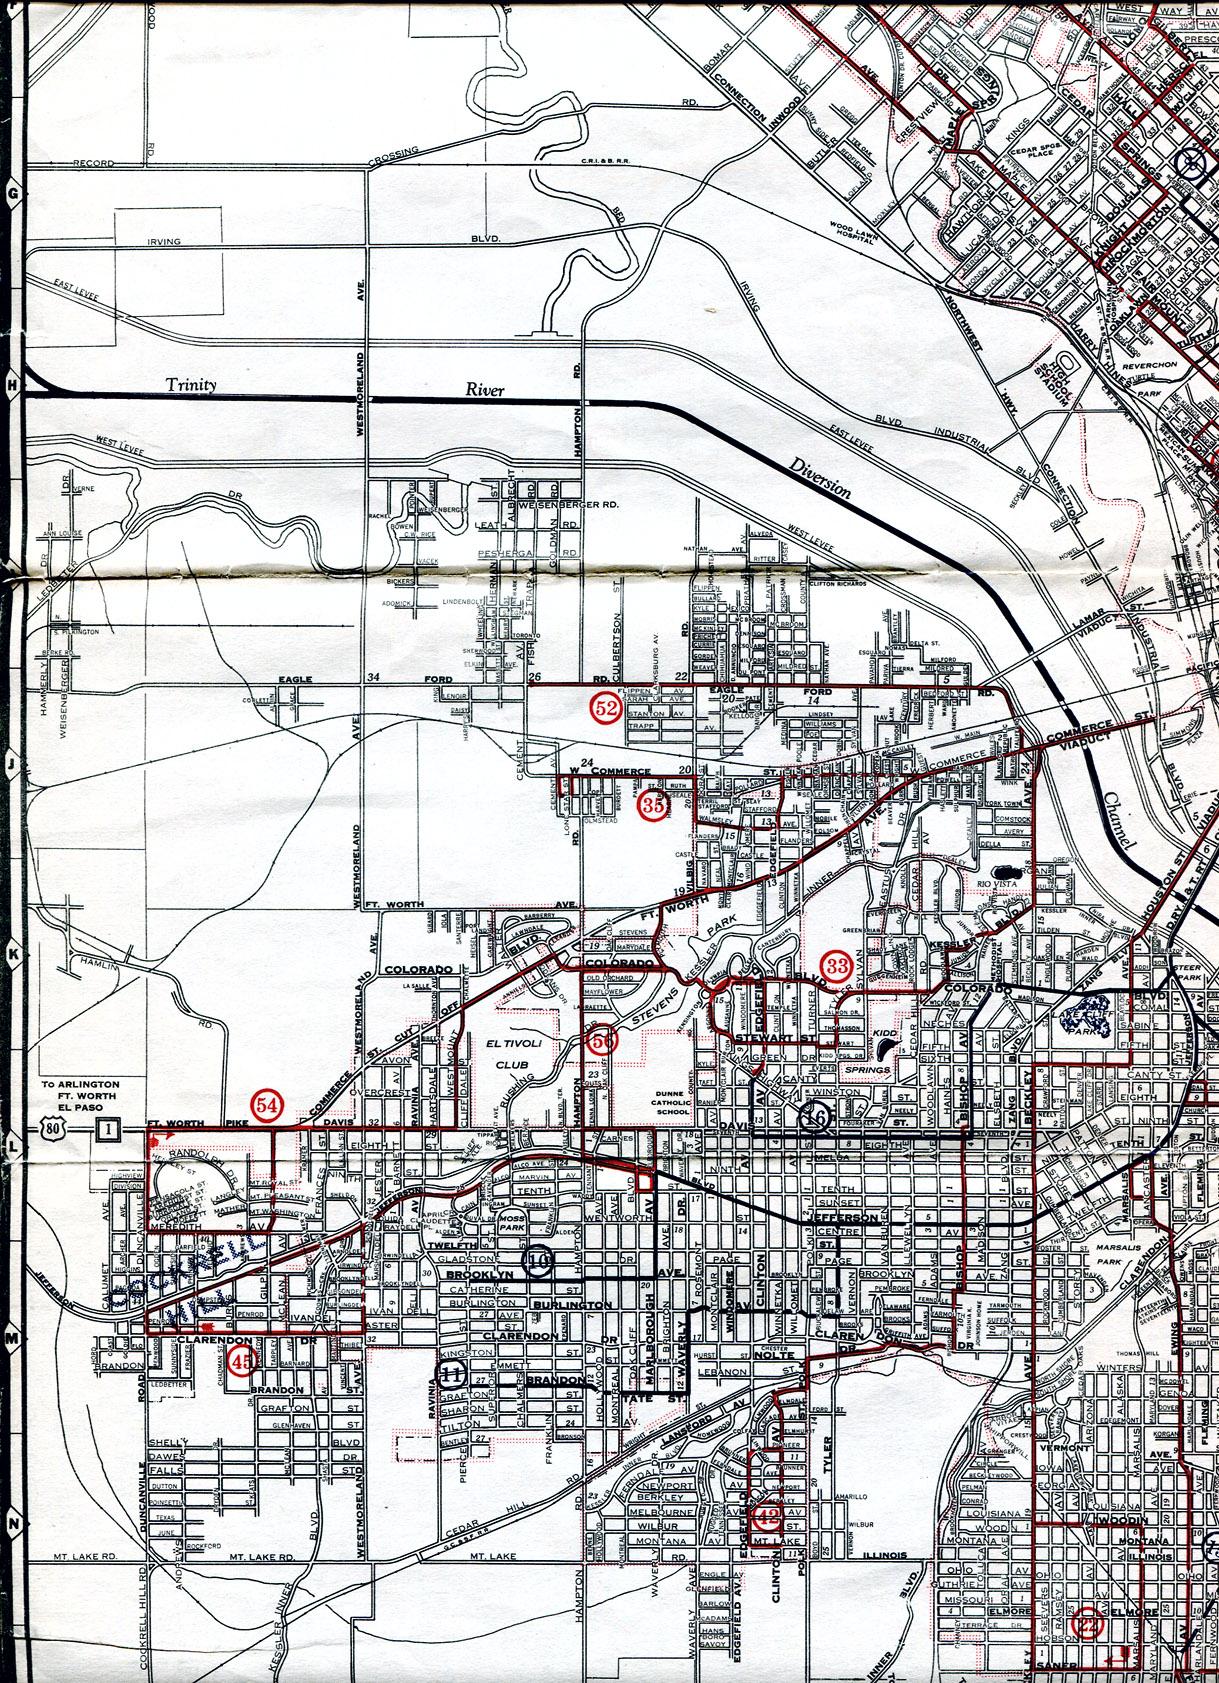 1973 Standard Oil West Central US  Vintage Road Map